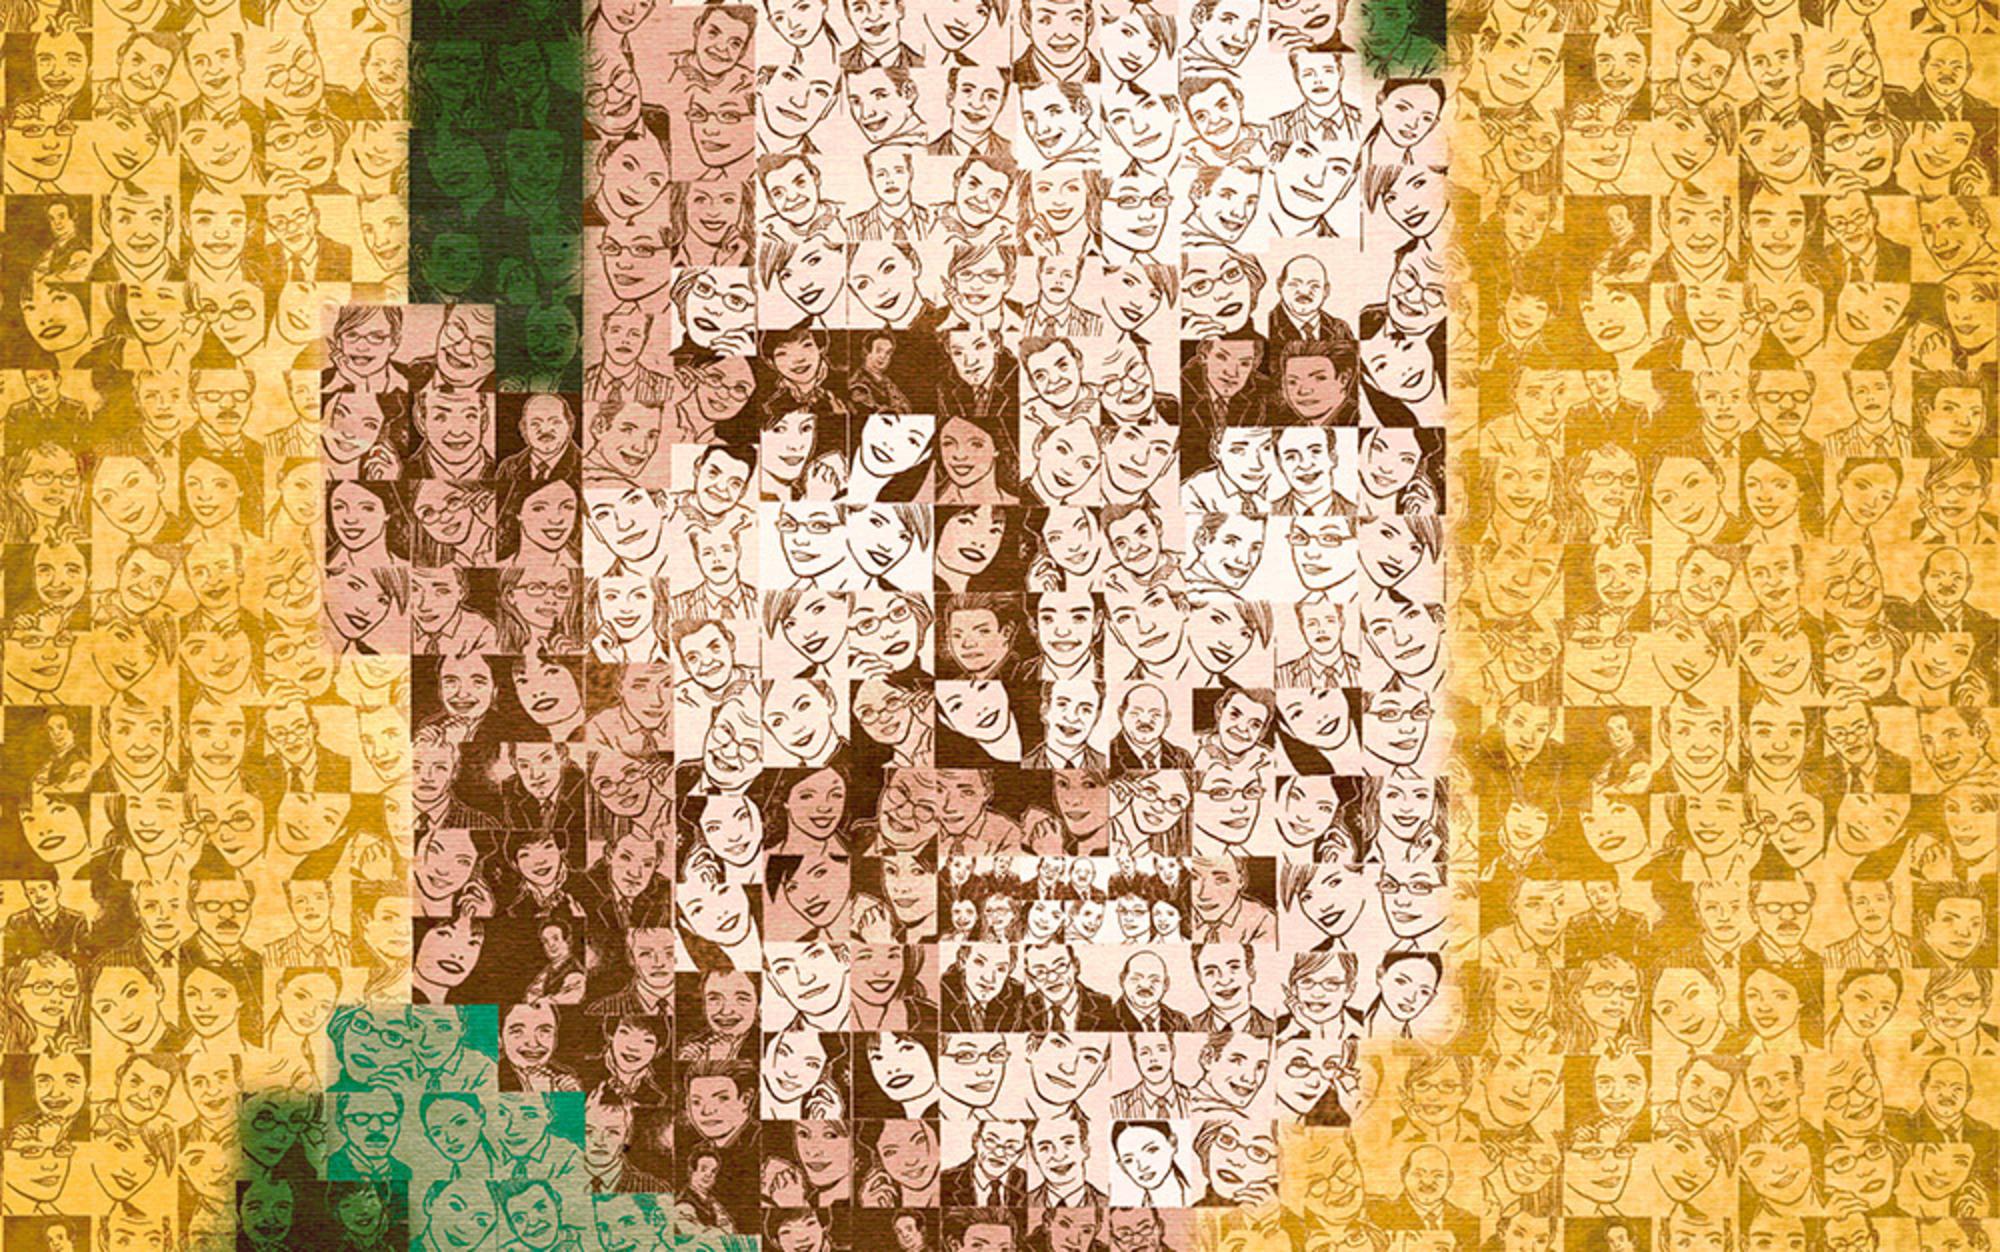 files/images/Montage-Portrait-494328505_super.jpg